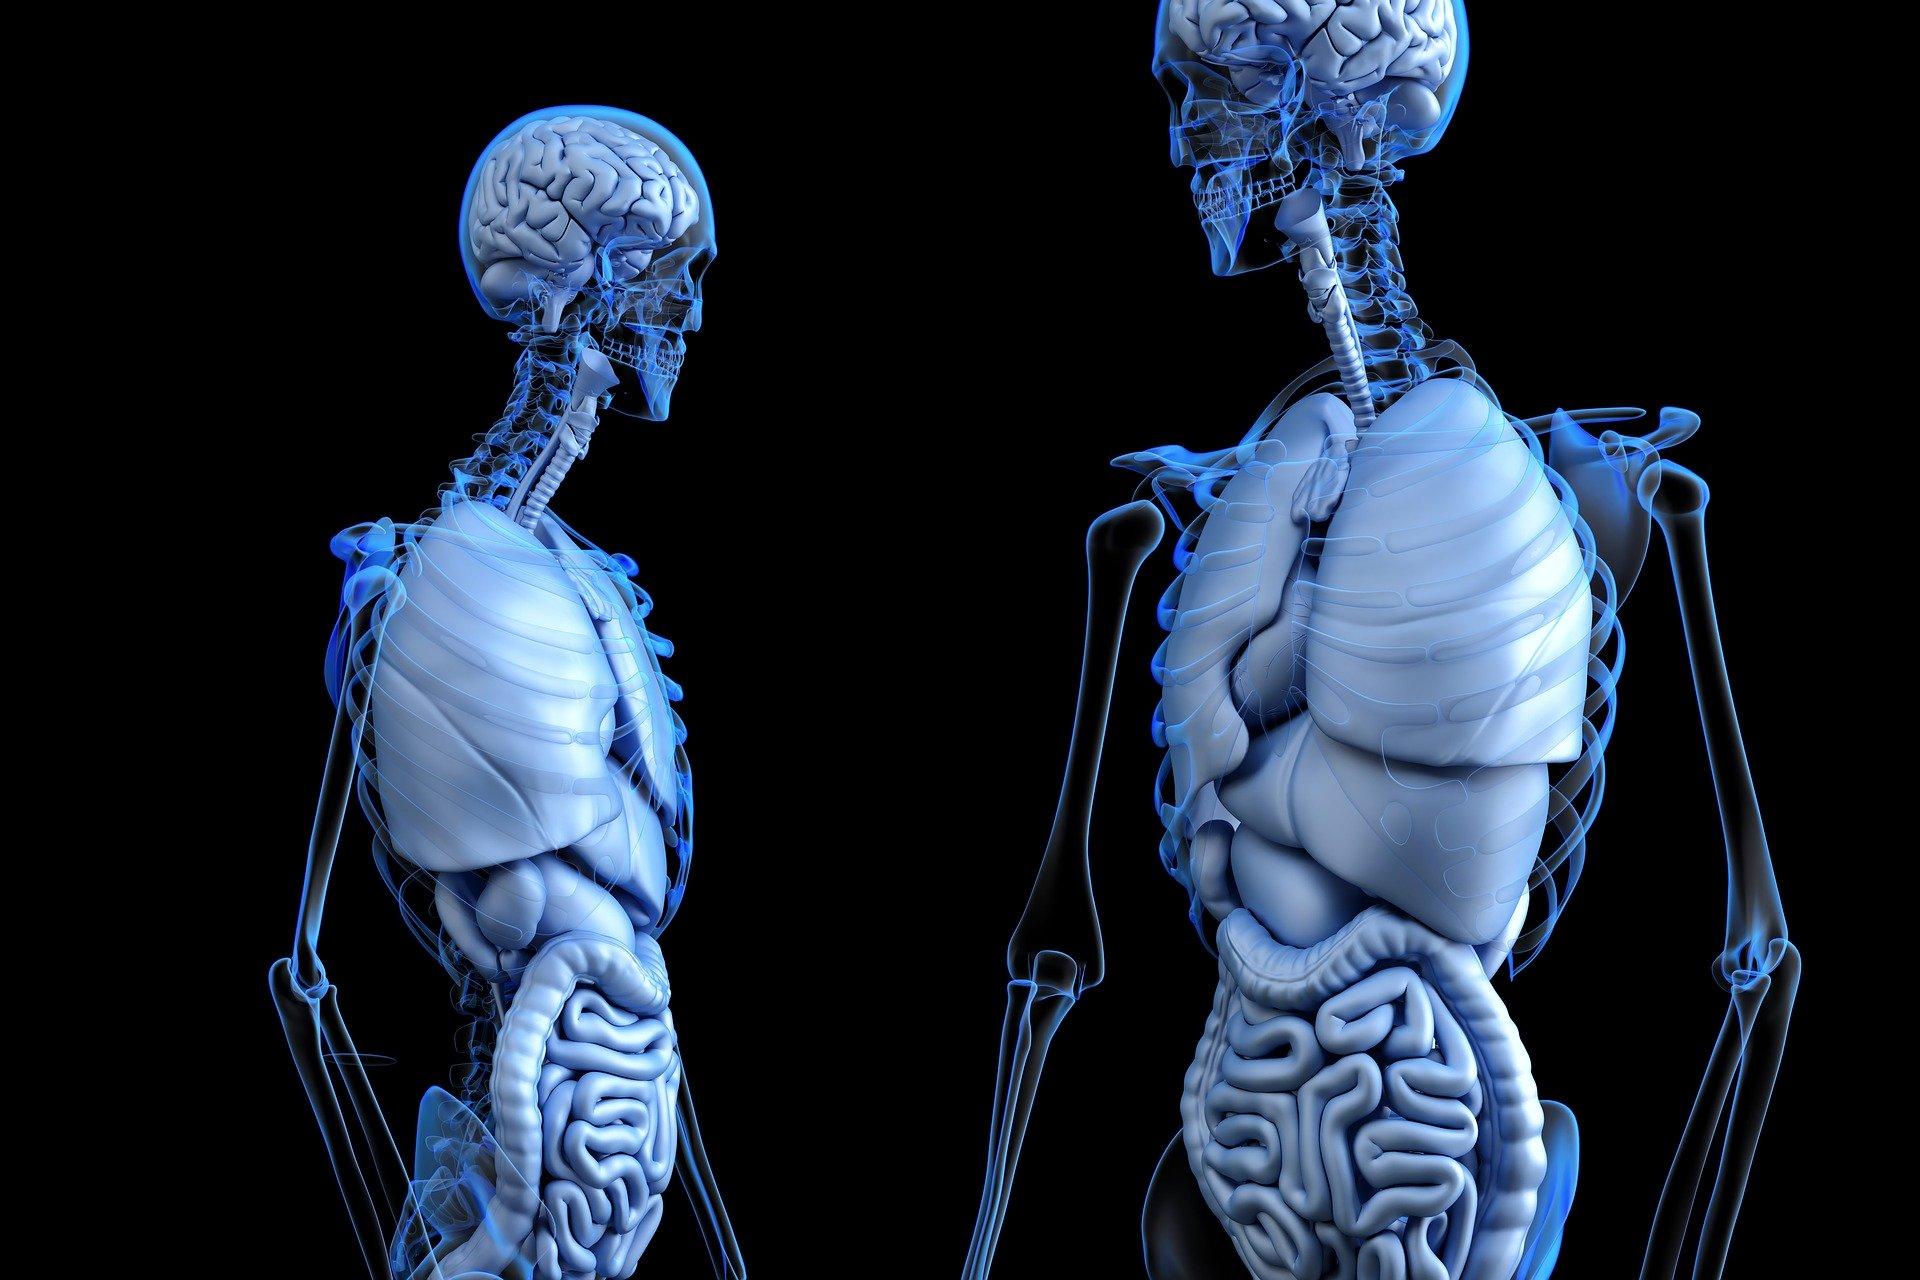 体, 人体, 内臓, 単語, スペイン語, 日本語, 英語